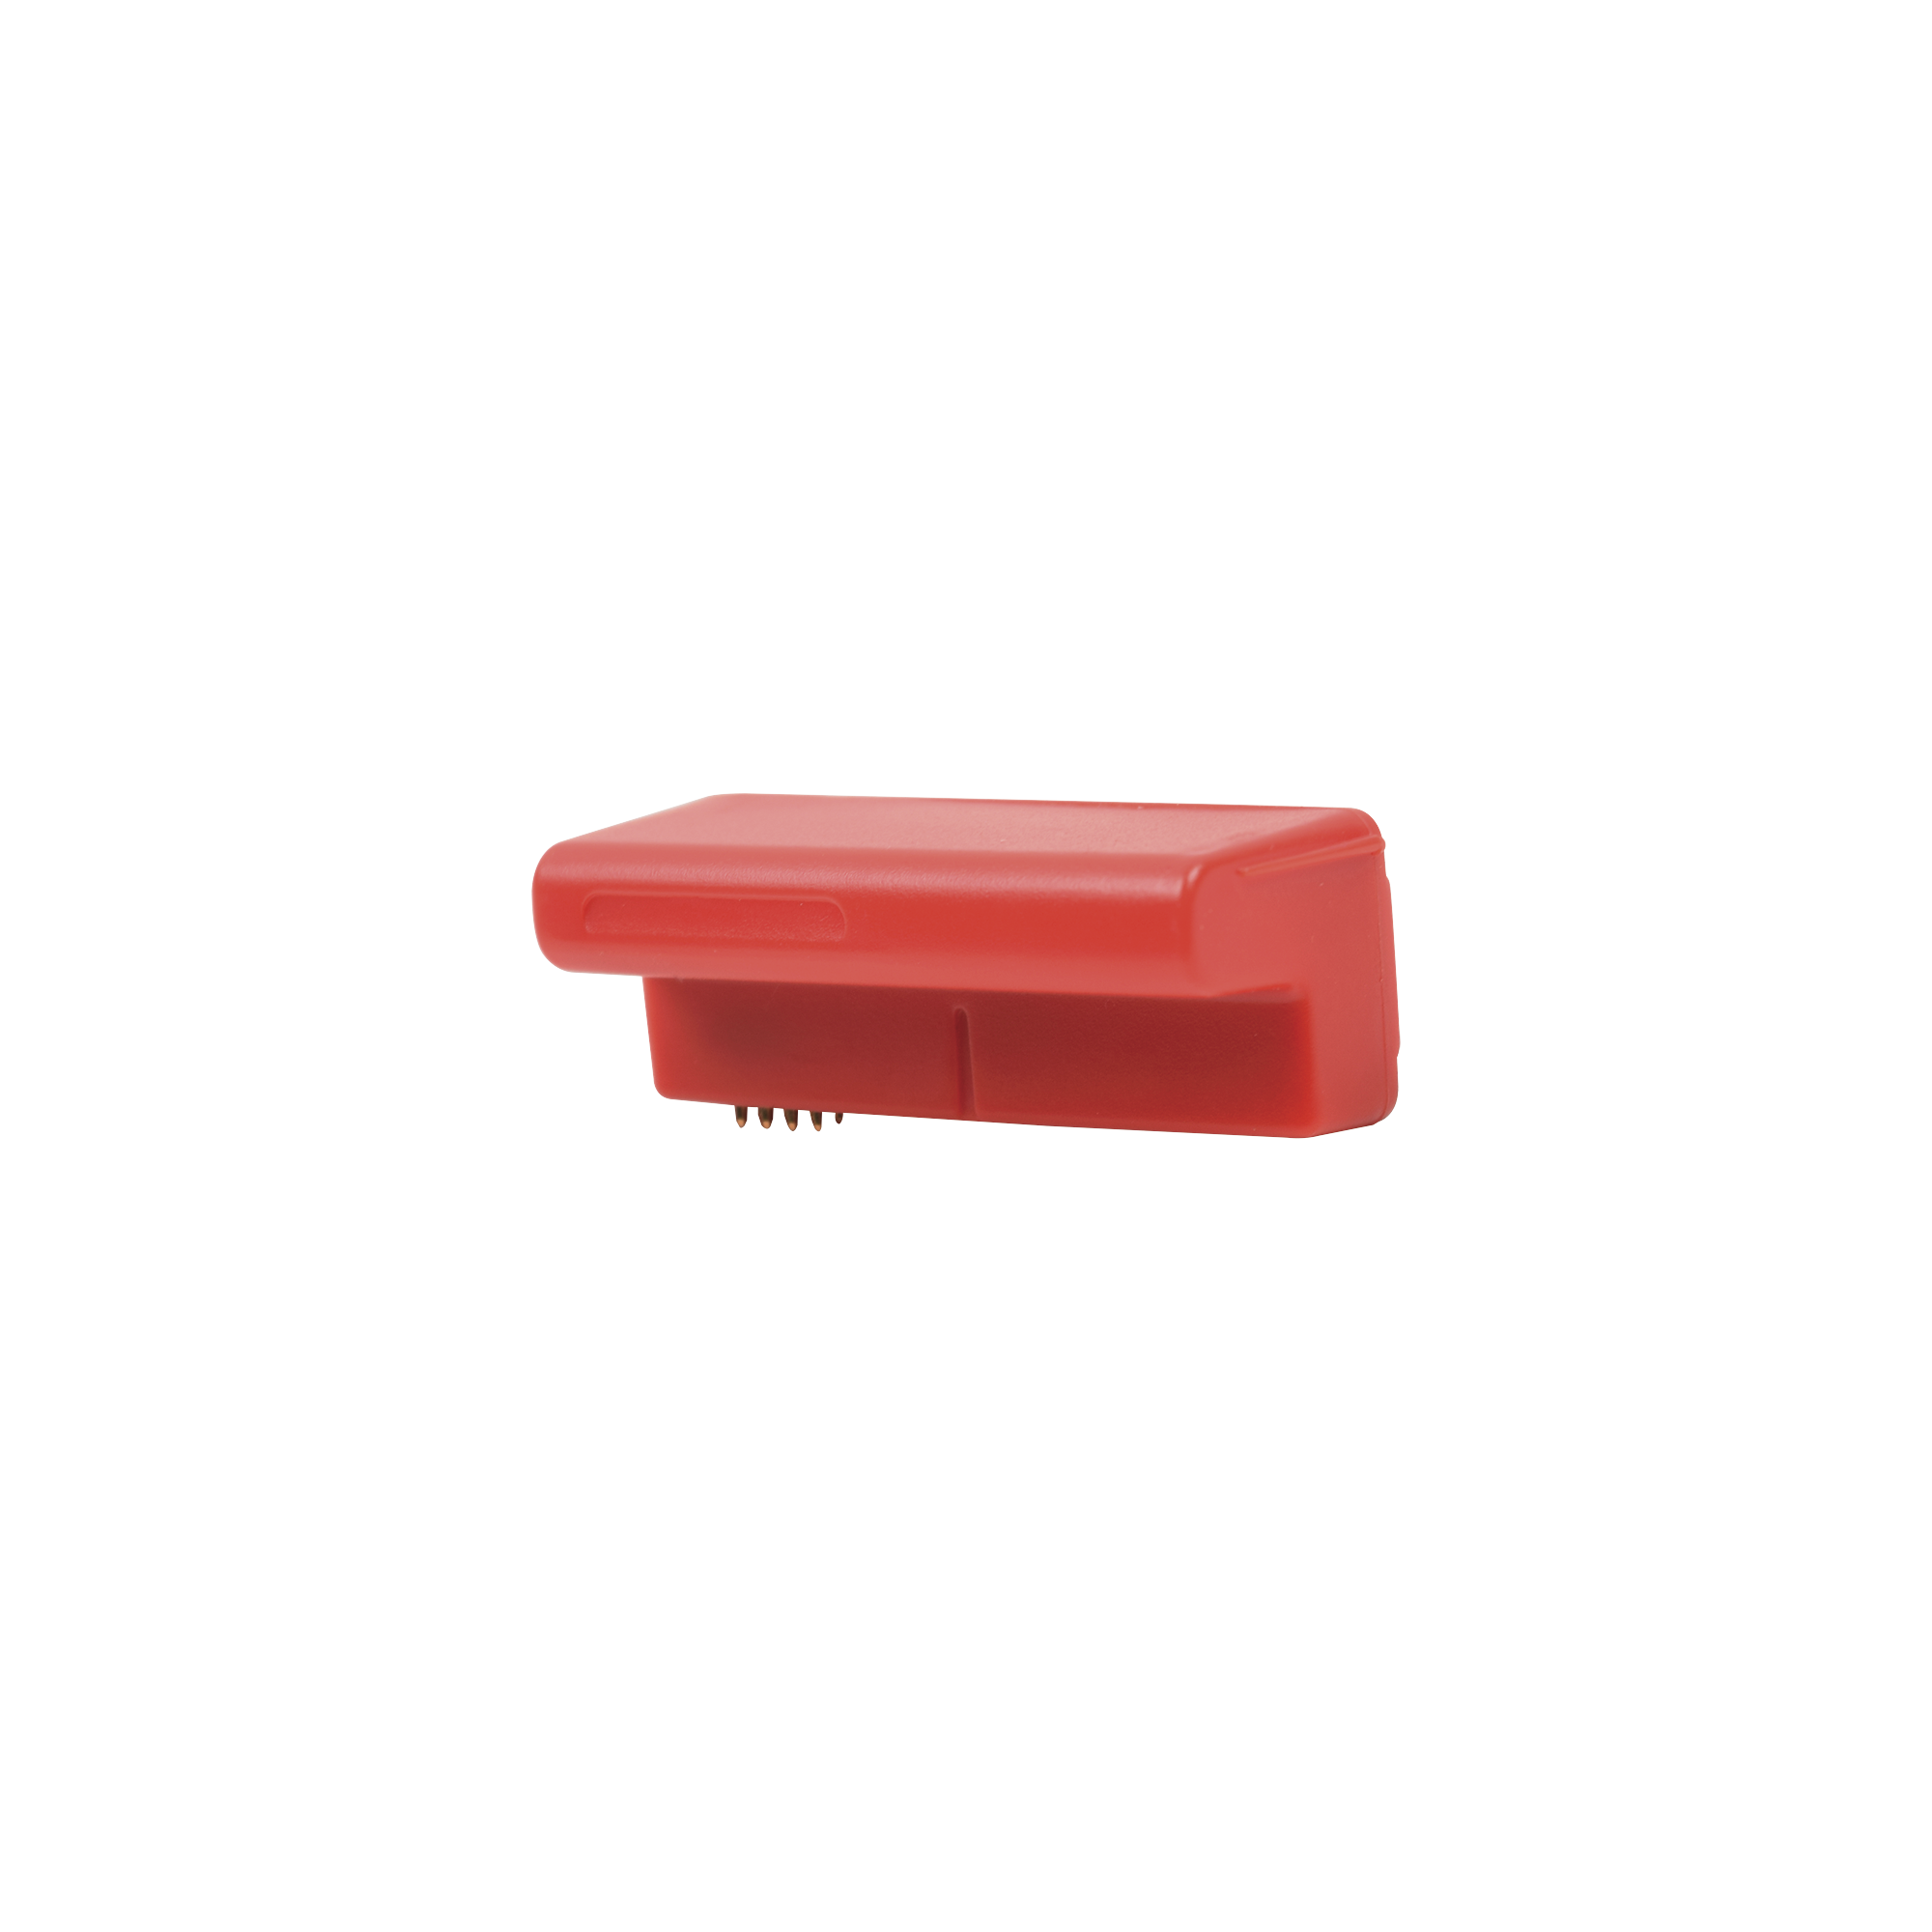 Módulo Smart Connect p/ YDF40, YMF40 / Para Uso con HUB 51020 / para conexión WiFi